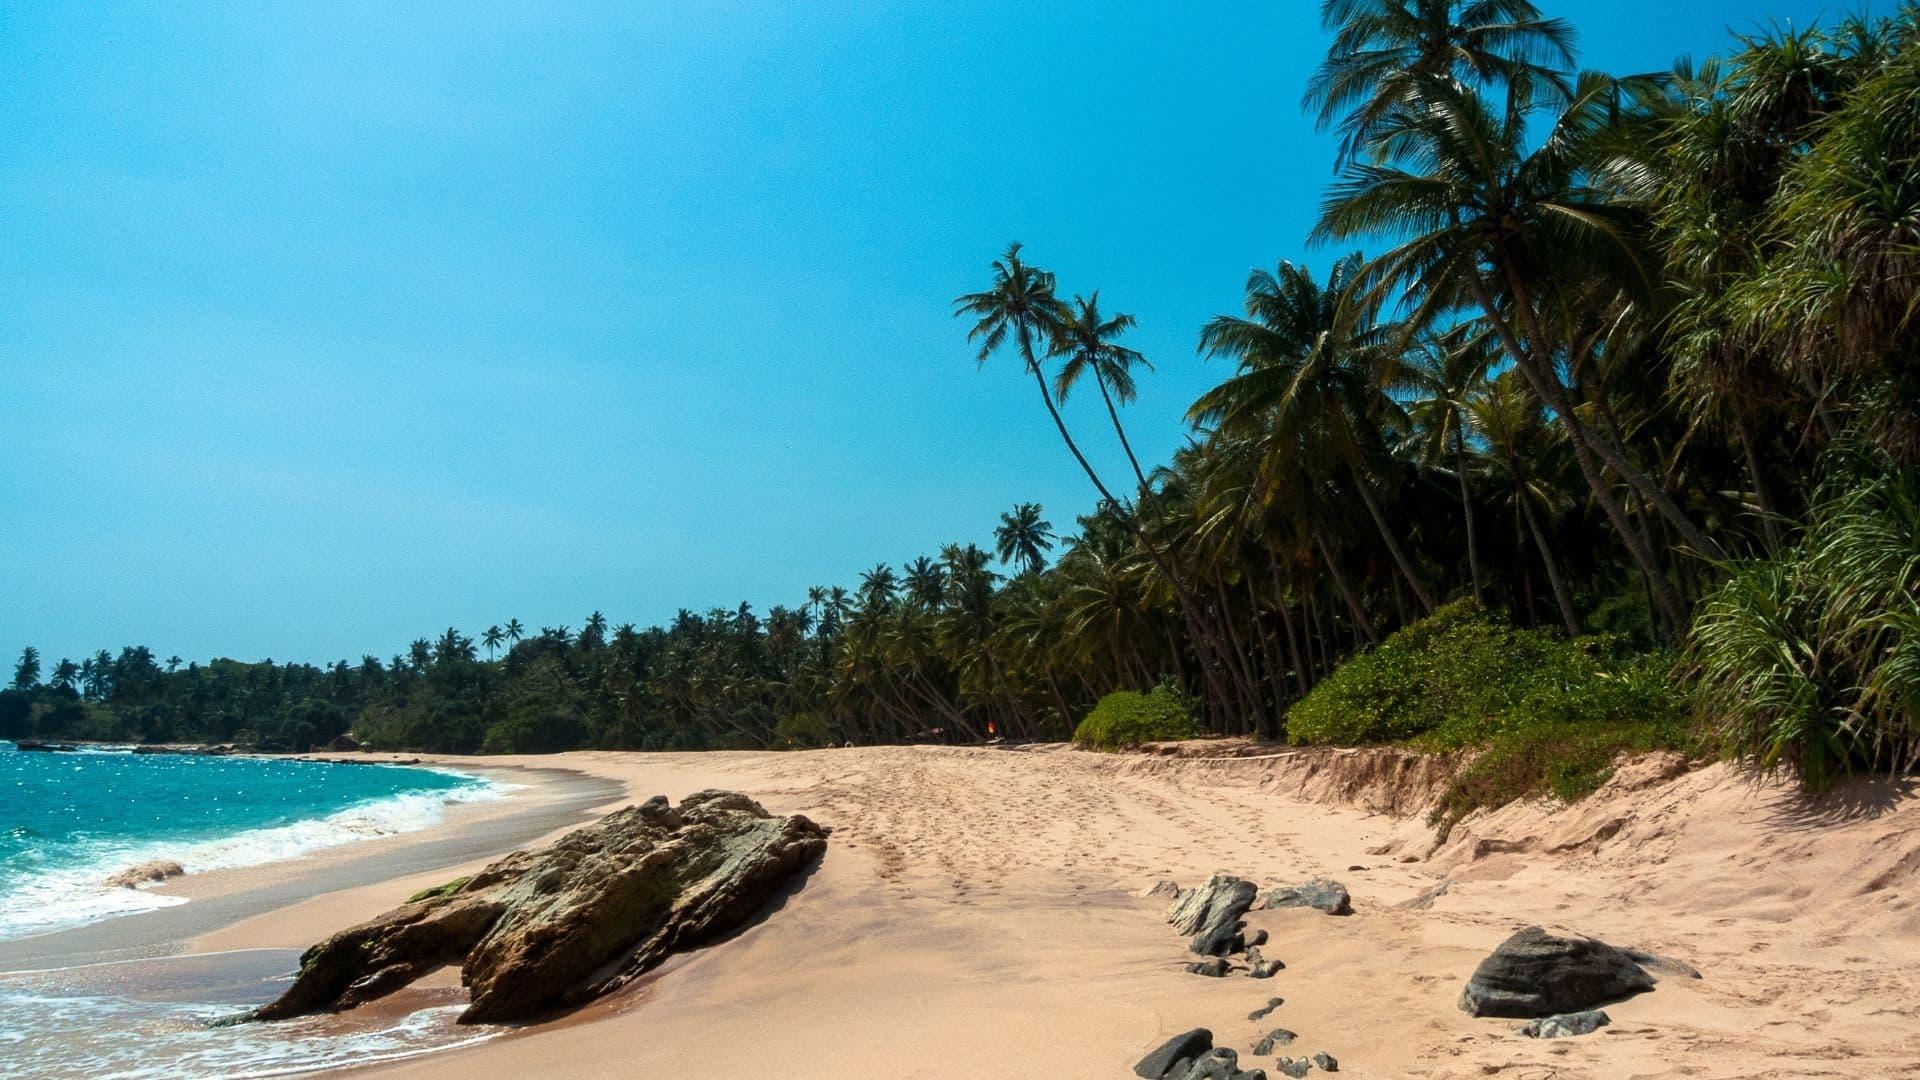 Sri Lanka es uno de los Países asiáticos con playas paradisíacas increíbles